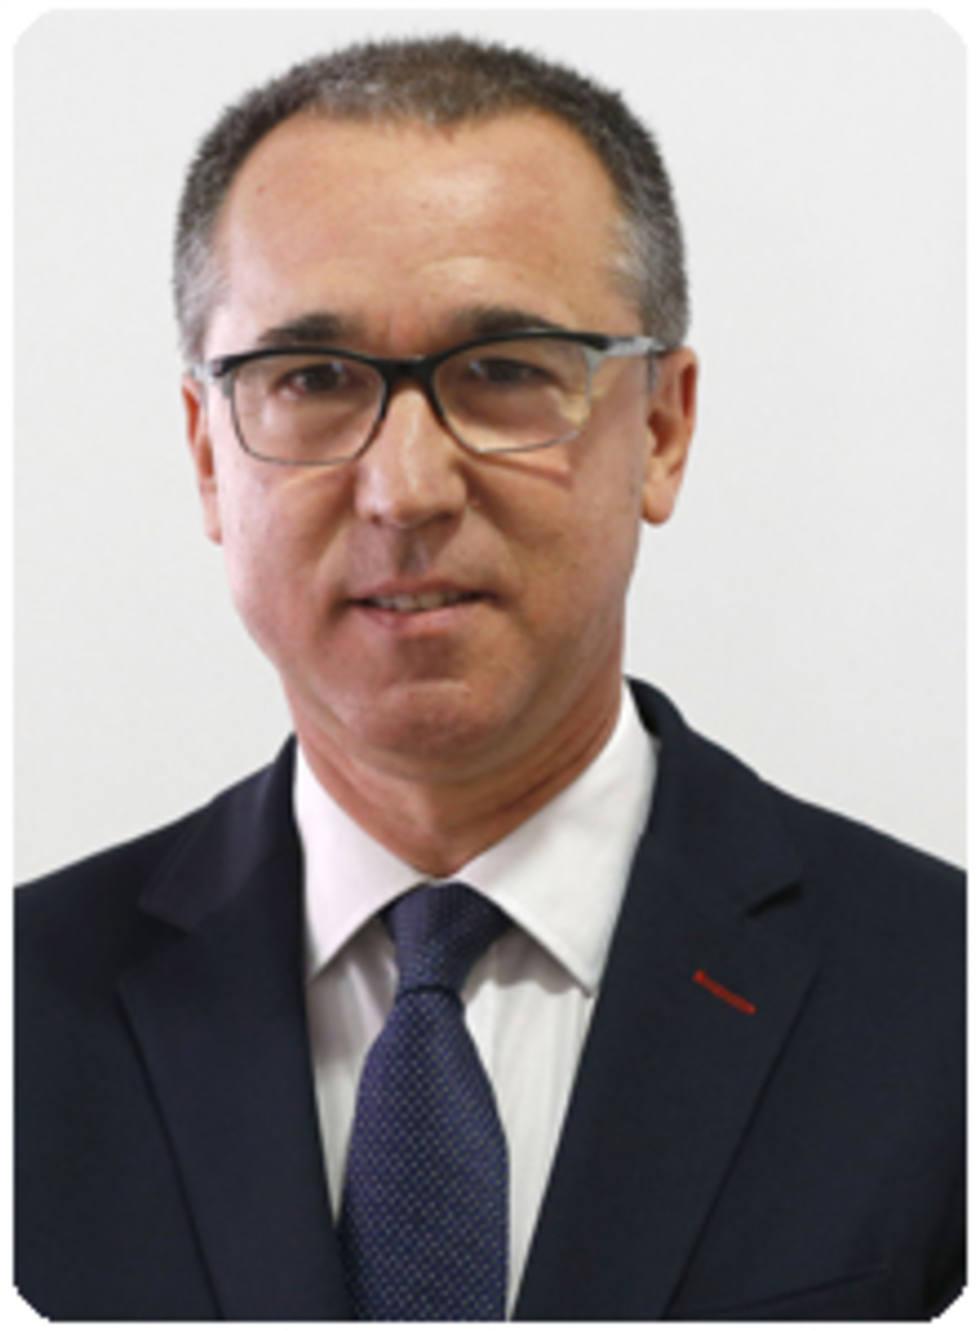 Pablo Fernández Muñiz